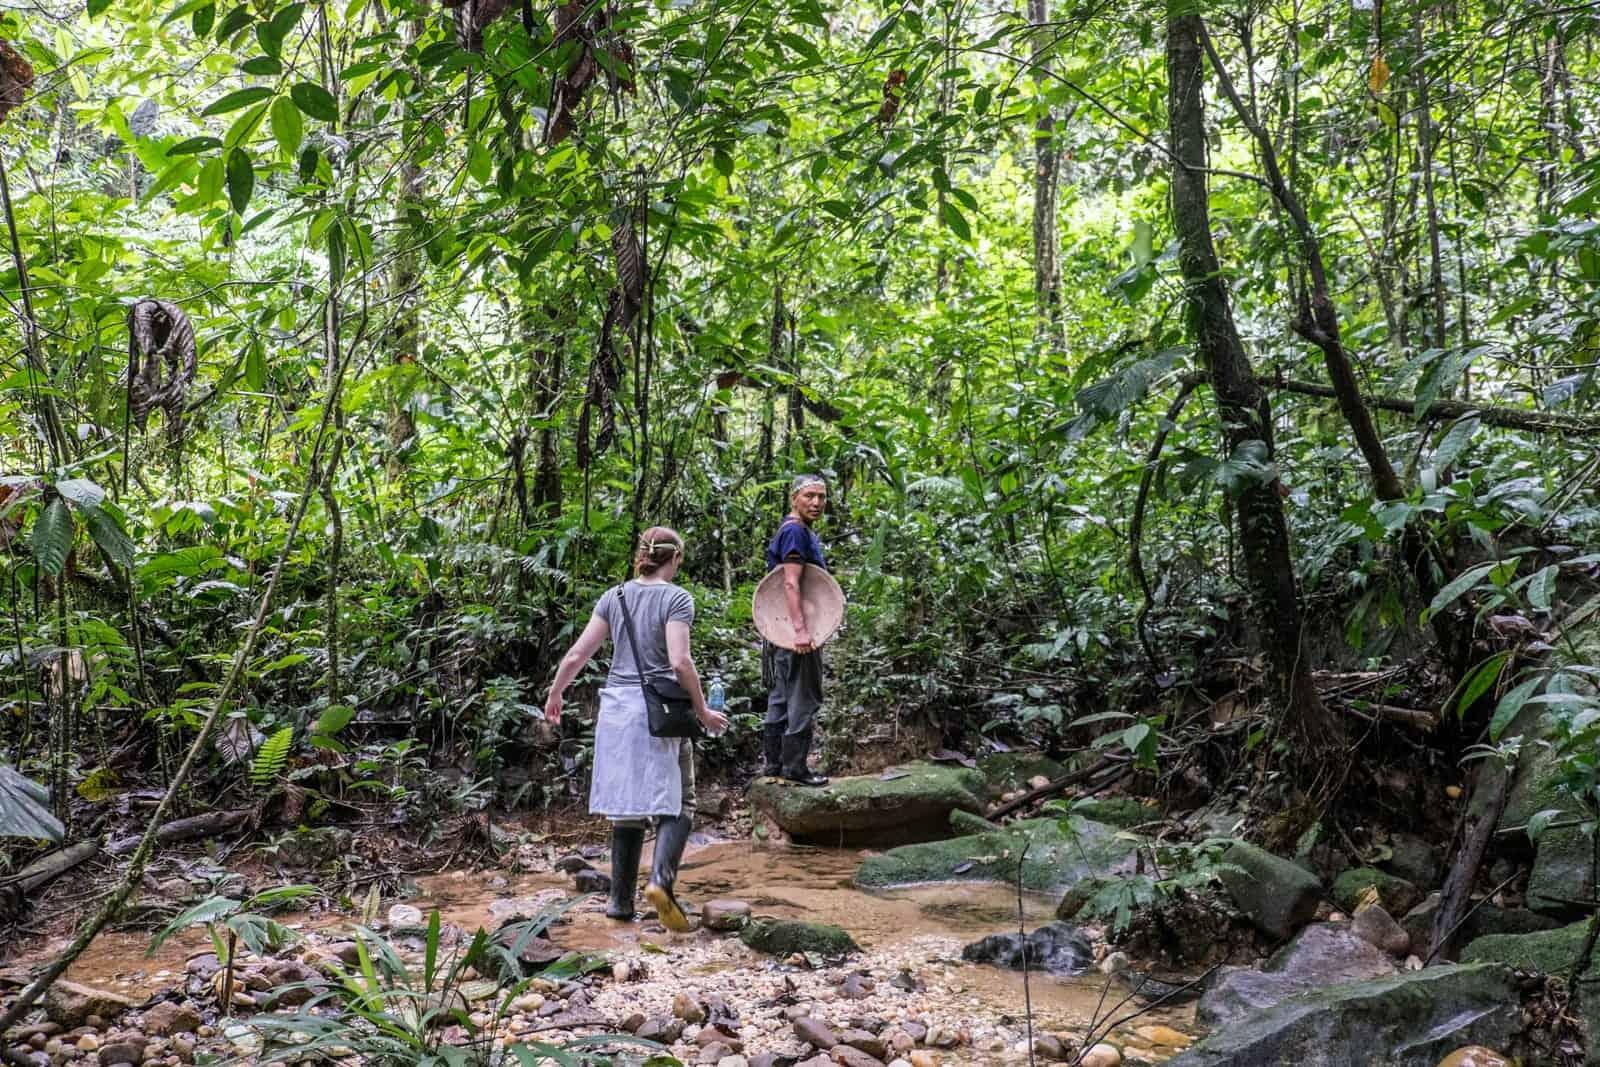 Excursión por la selva en Ecuador Excursión por la selva amazónica